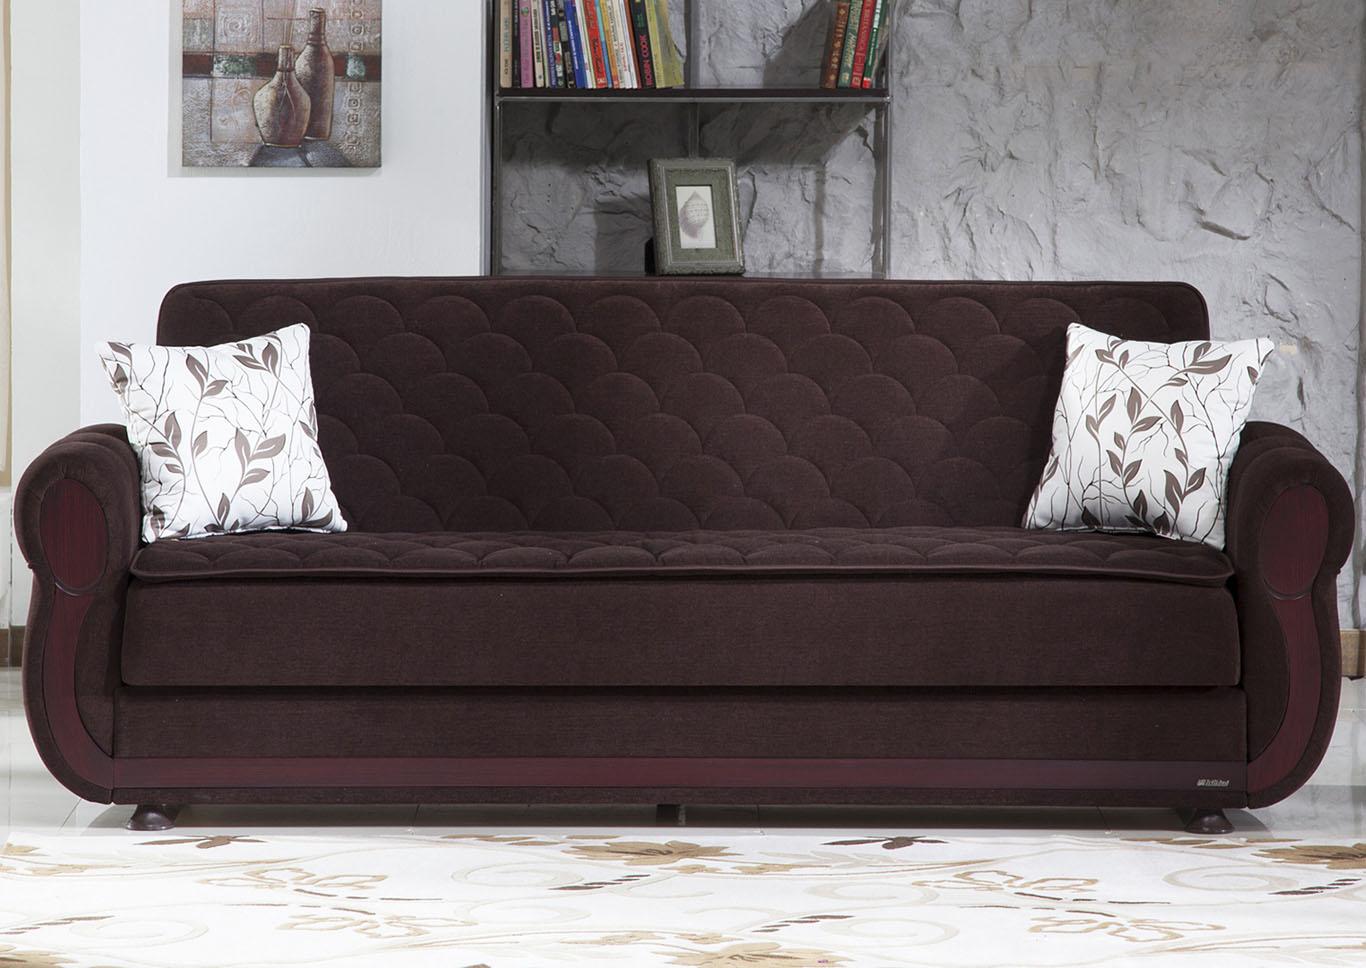 Strange Best Buy Furniture And Mattress Argos Colins Brown 3 Piece Interior Design Ideas Skatsoteloinfo